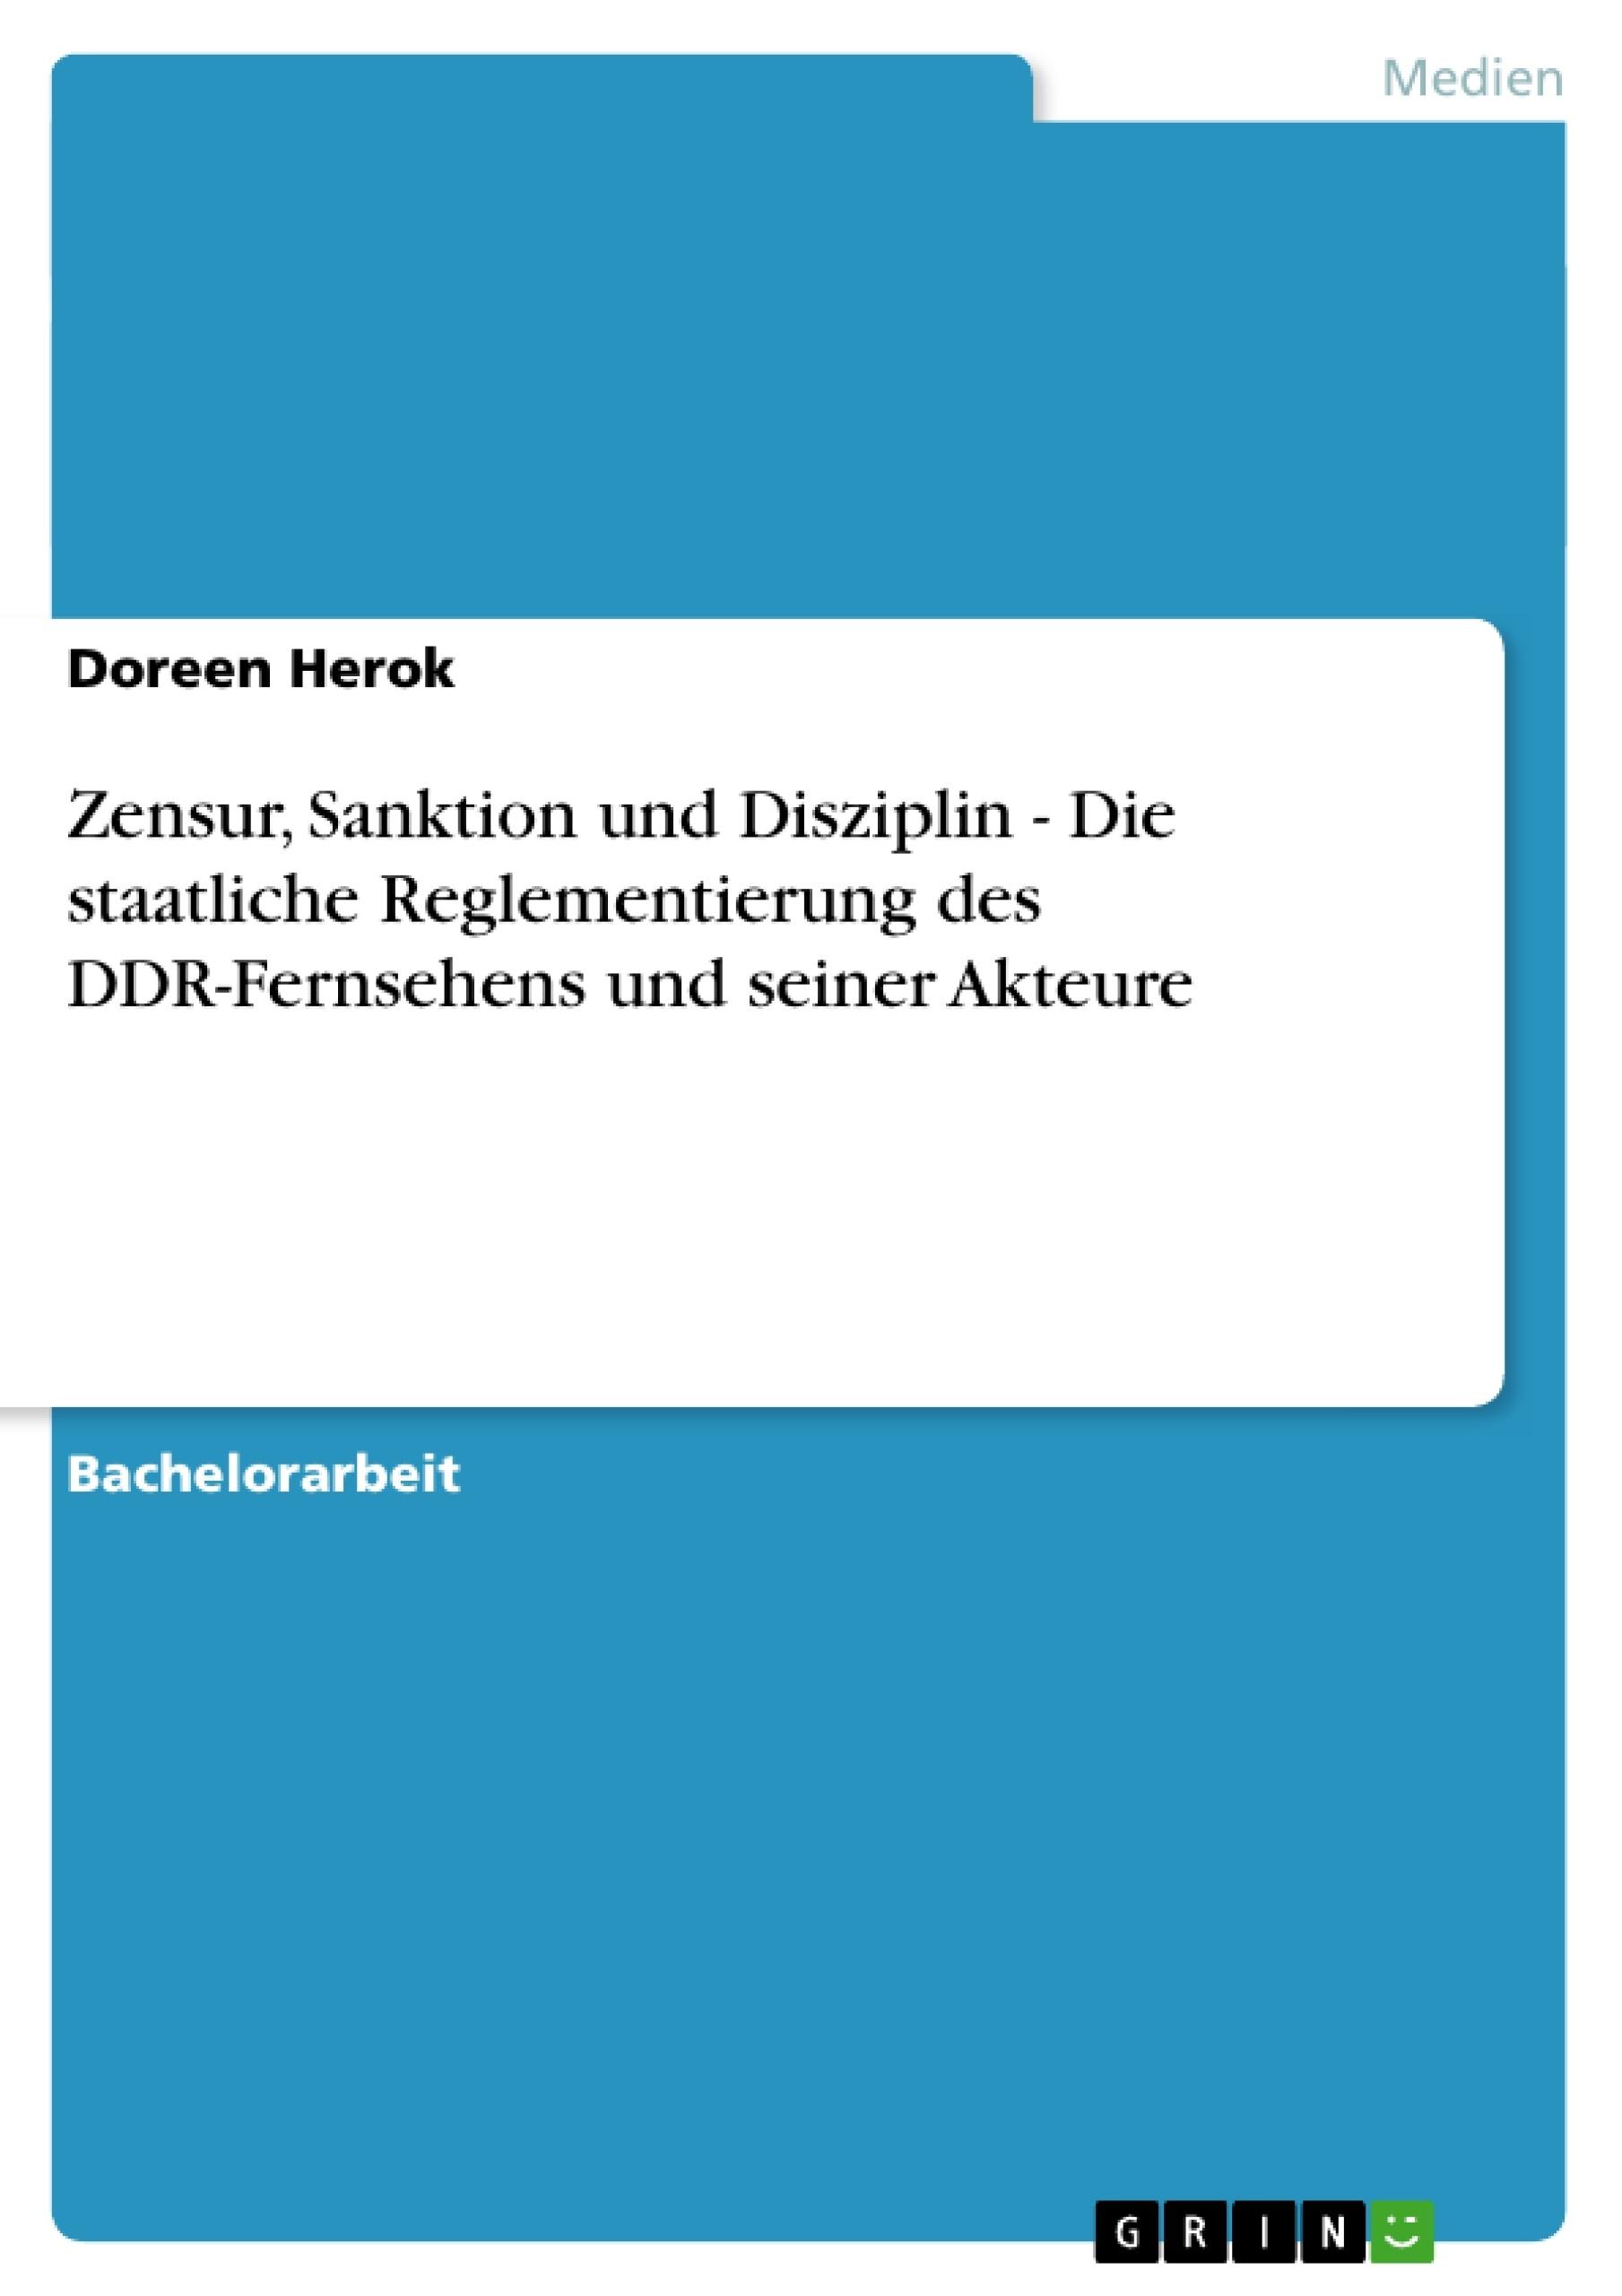 Titel: Zensur, Sanktion und Disziplin - Die staatliche Reglementierung des DDR-Fernsehens und seiner Akteure